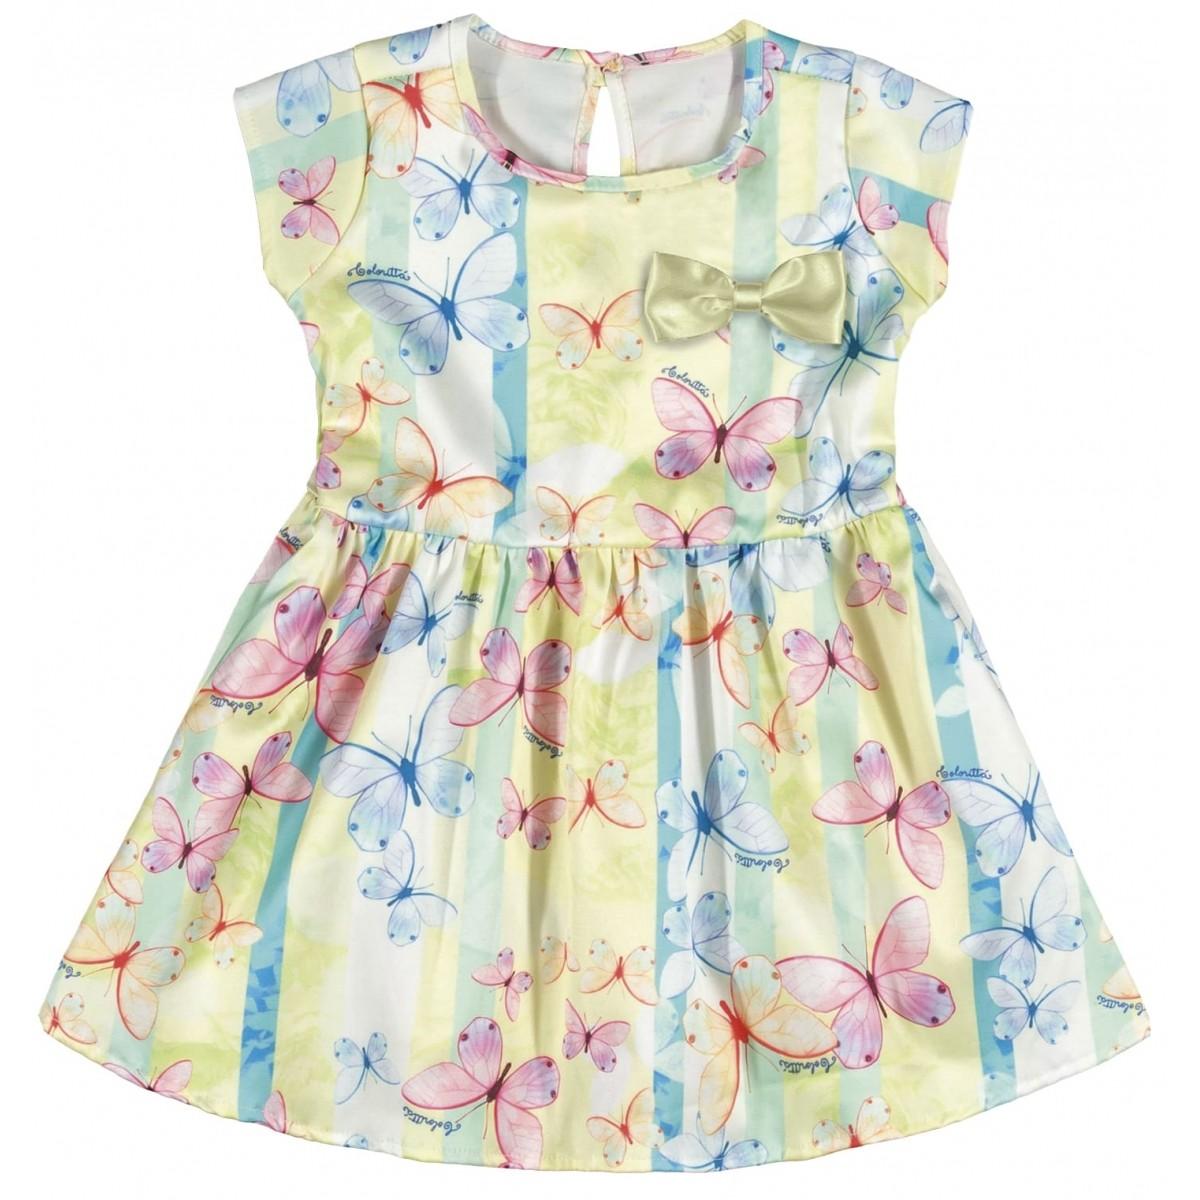 Vestido Infantil Feminino Verde Verão Colorittá  a646b559e7f0e